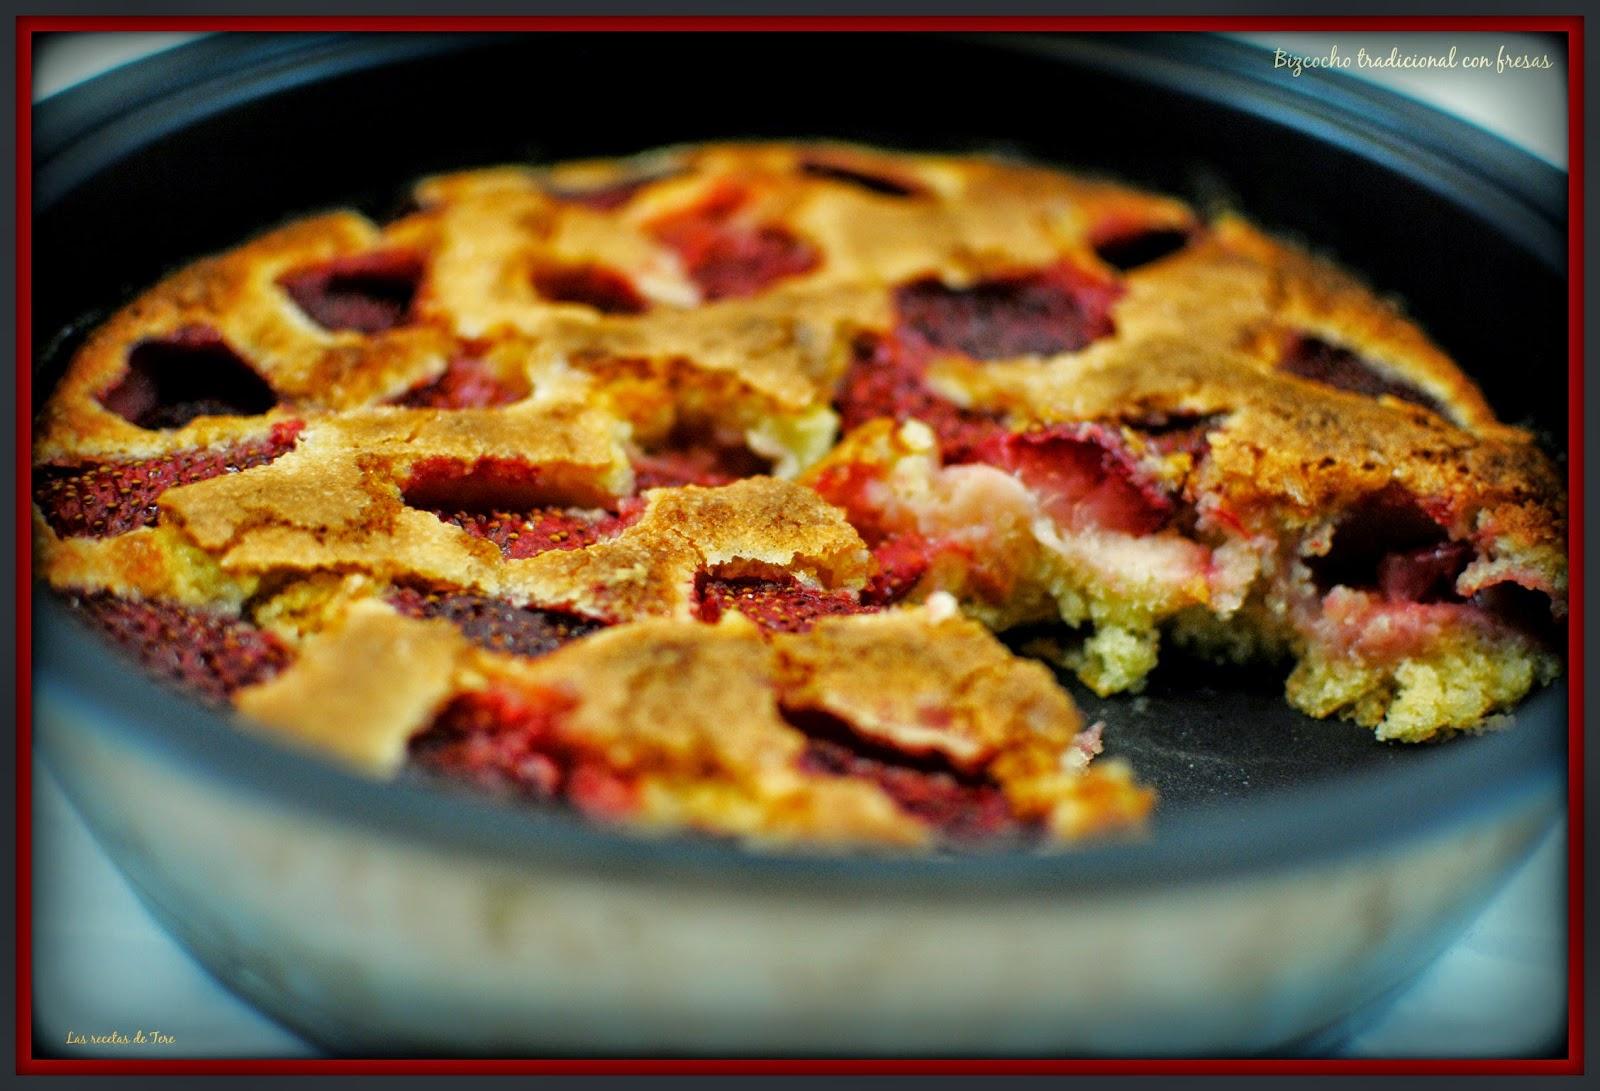 bizcocho tradicional con fresas tererecetas 07